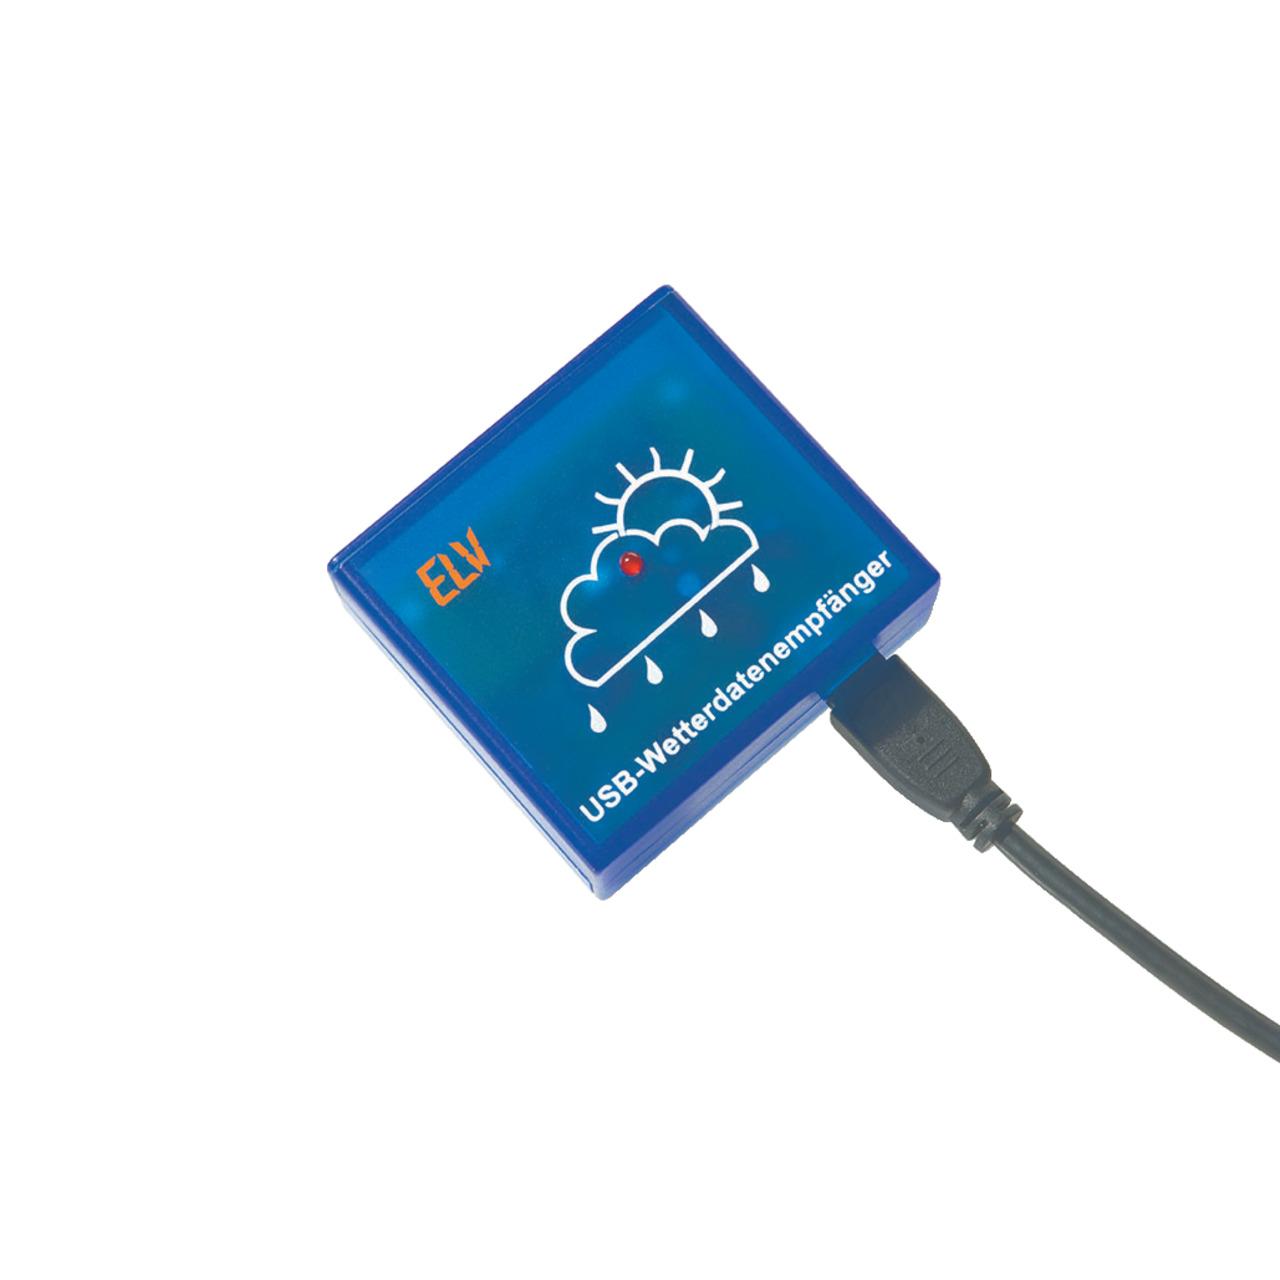 ELV Bausatz USB-Wetterdaten-Empfänger USB-WDE1-2